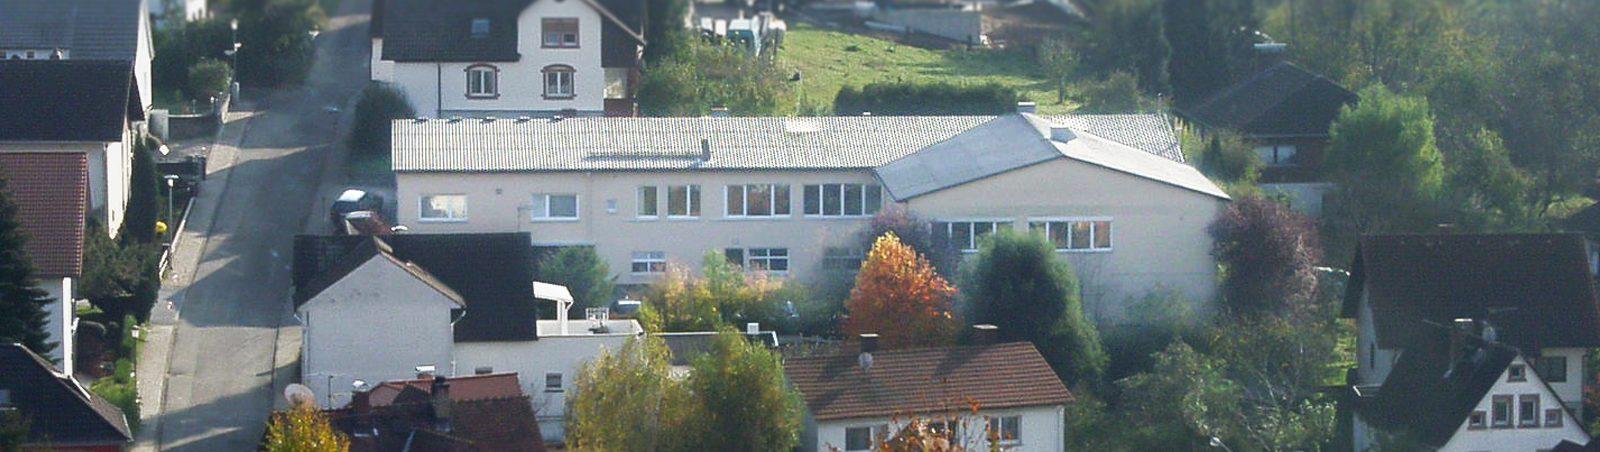 Firma Heppenheimer in Reichenbach